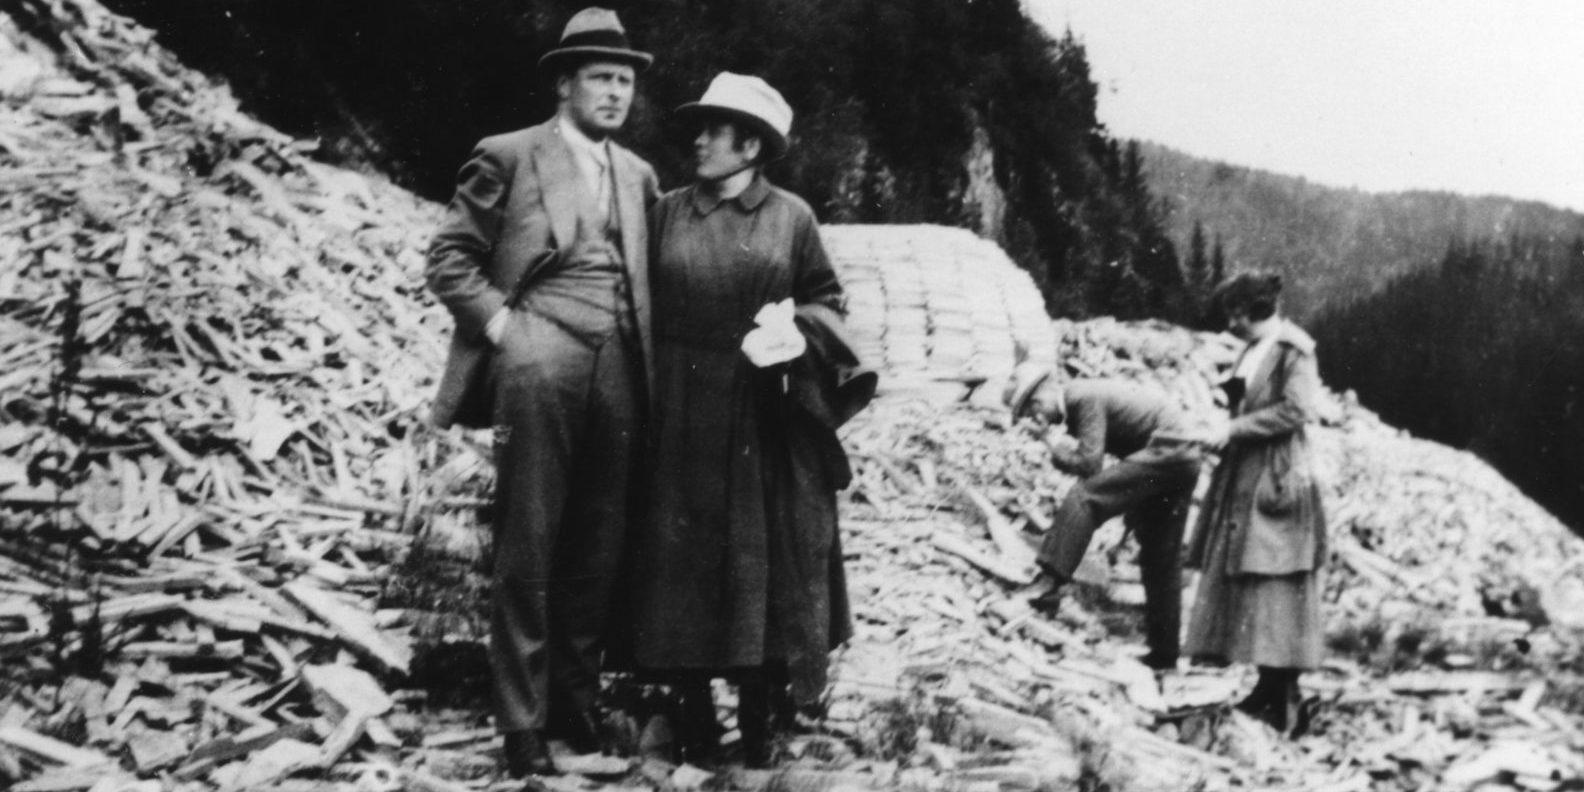 Gjerløw Skaardal (1888-1969) var ansatt ved Norrøna Fabrikker som bestyrer av steinbrudda og skogen i Eidsborg. Han bodde i Eidsborg fram til 1920. Da flyttet han til Porsgrunn og reiste til Eidsborg en gang i måneden. Da Skaardal og kona var på bryllupsreise i 1920, la de turen innom steinberget i Eidsborg.